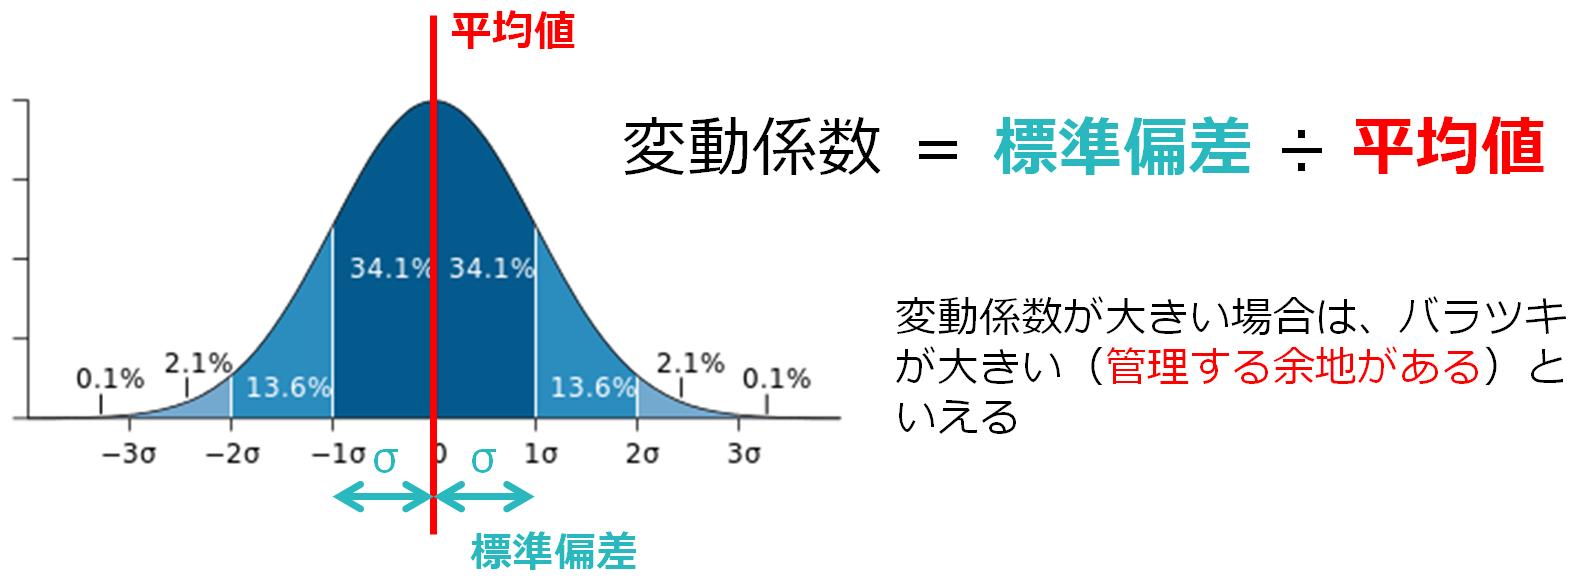 図表1 標準偏差と変動係数